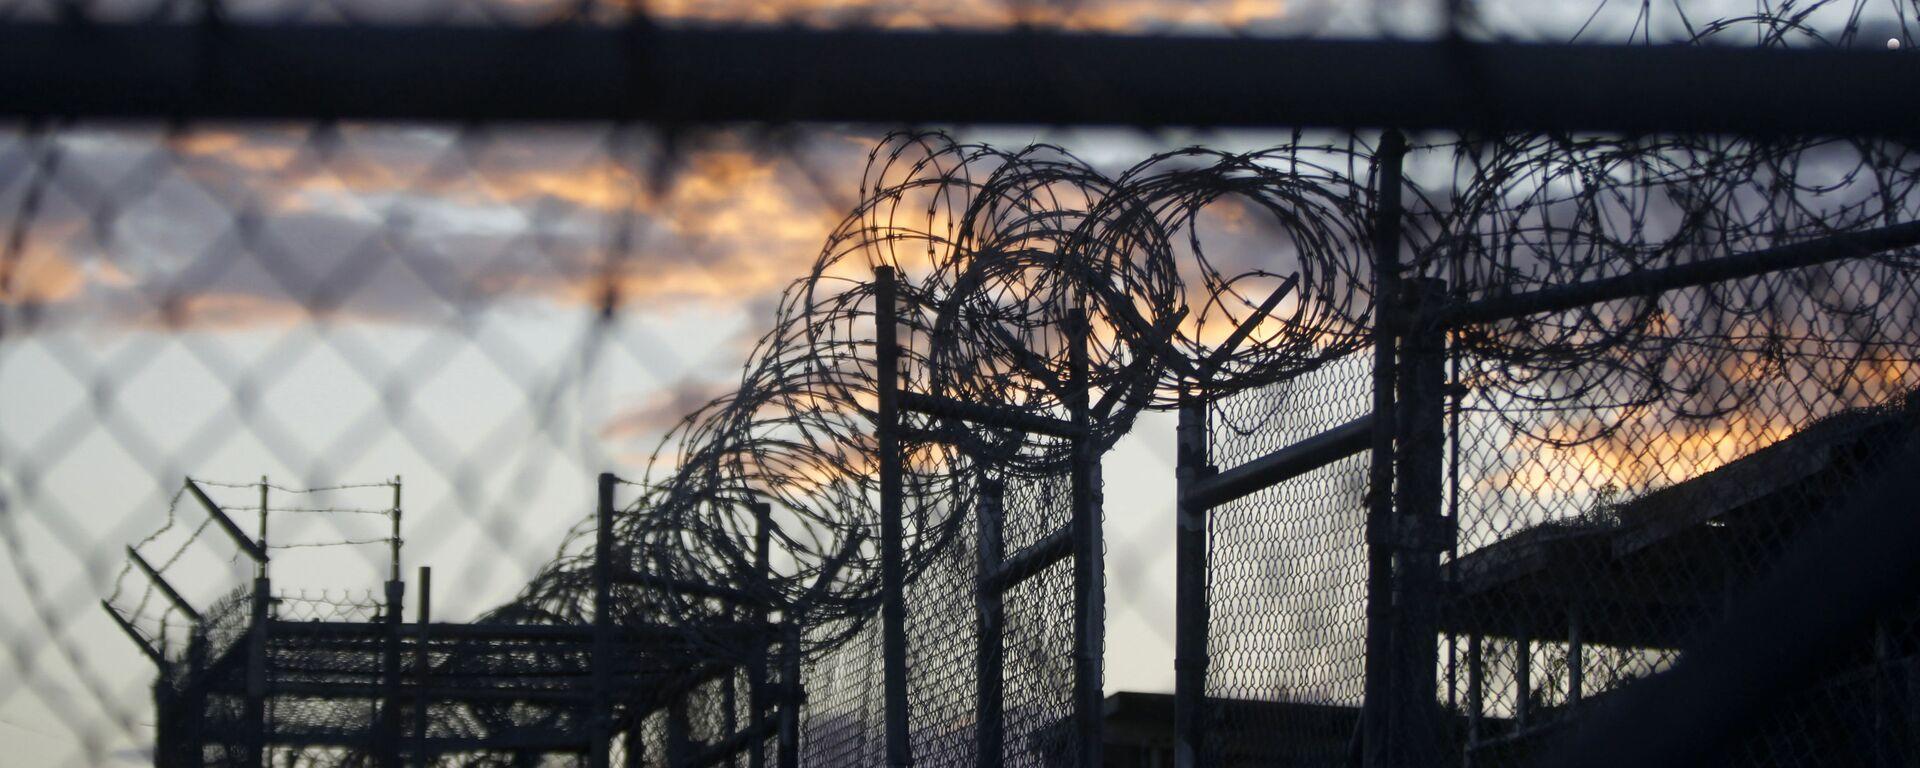 Obóz X-Ray w więzieniu Guantanamo - Sputnik Polska, 1920, 12.07.2021